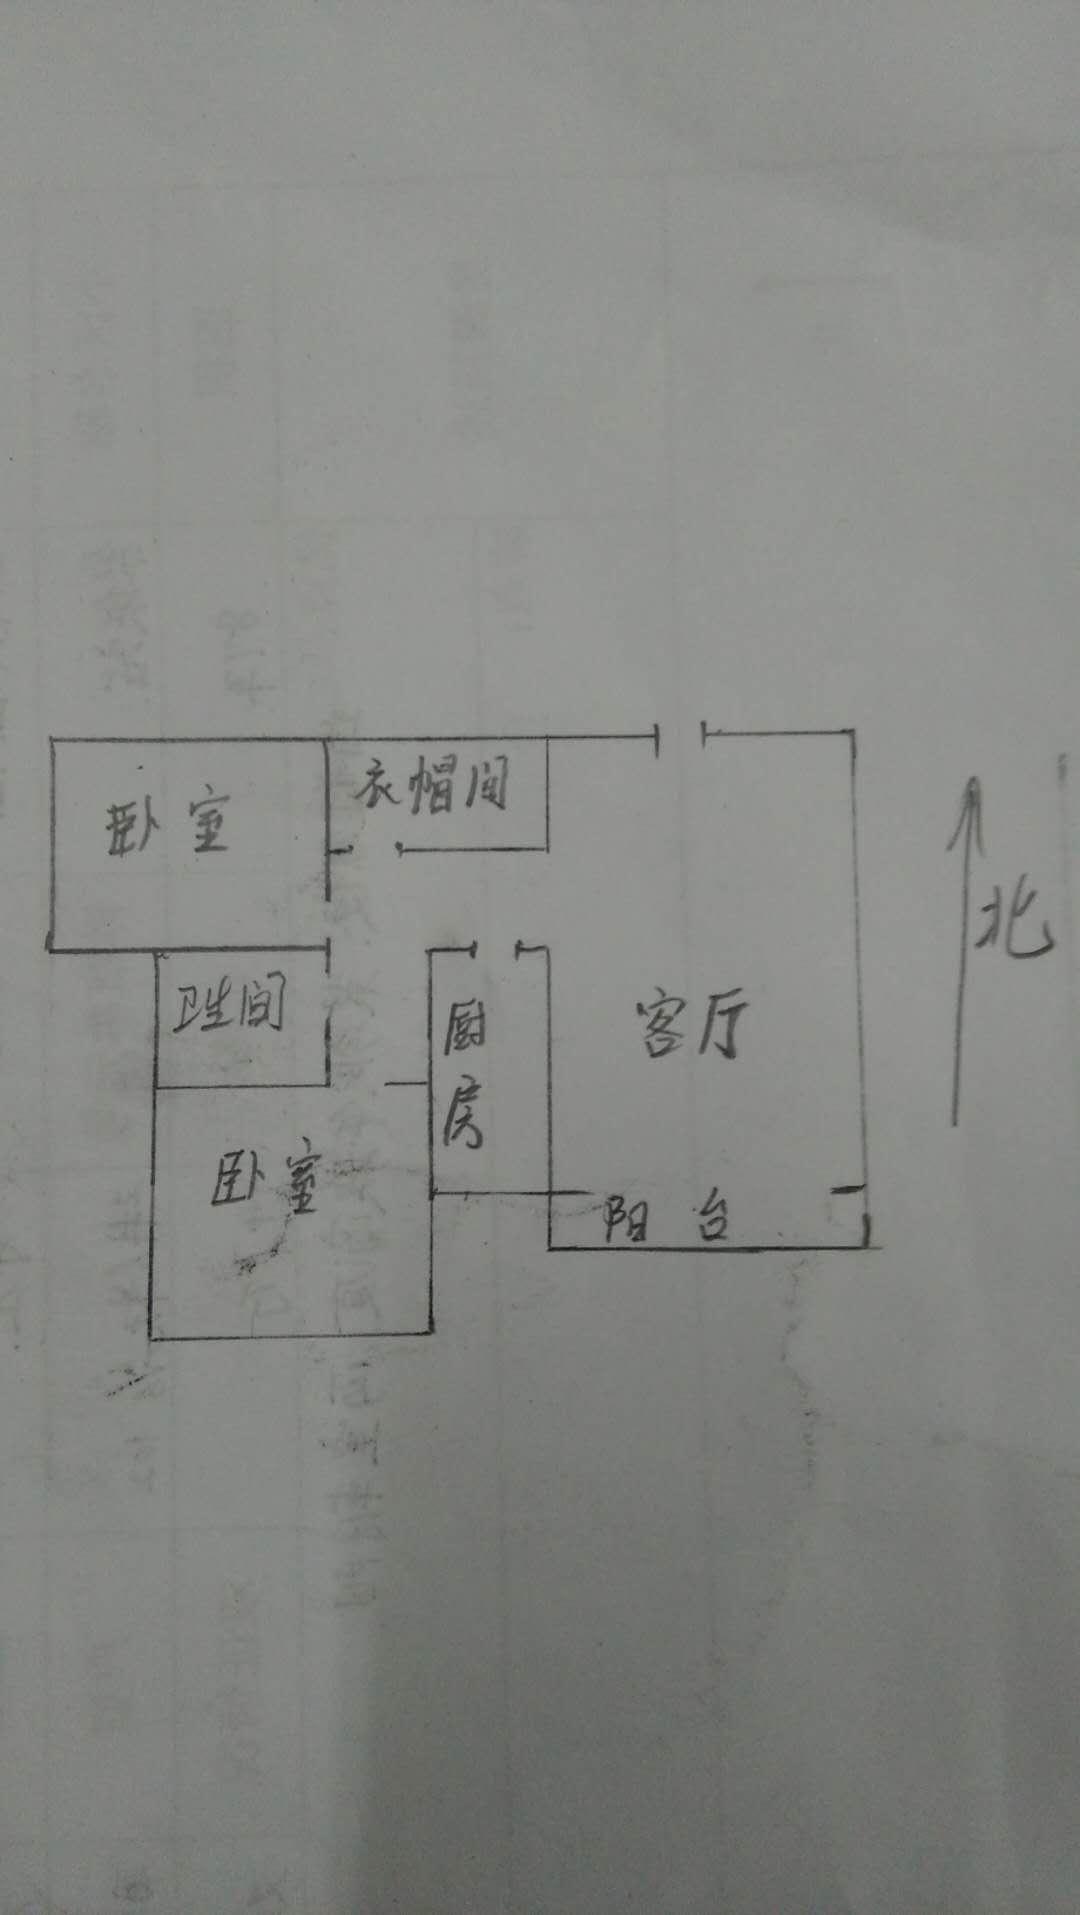 湖滨家园 2室2厅 6楼